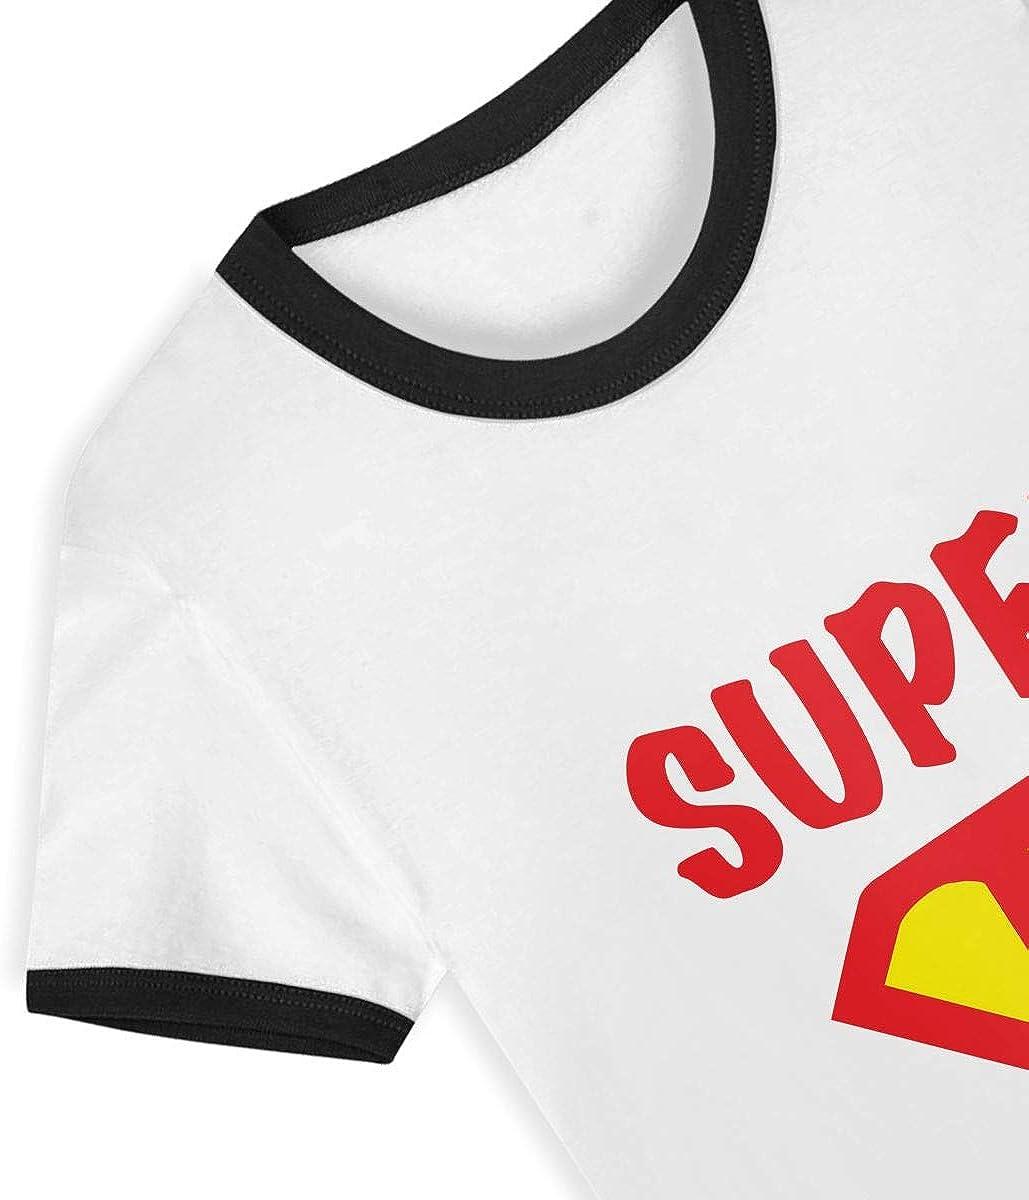 HIGASQ Unisex Baby Super Dentist O Neck Toddlers Short Sleeve Baseball T Shirt for 2-6 Boys Girls